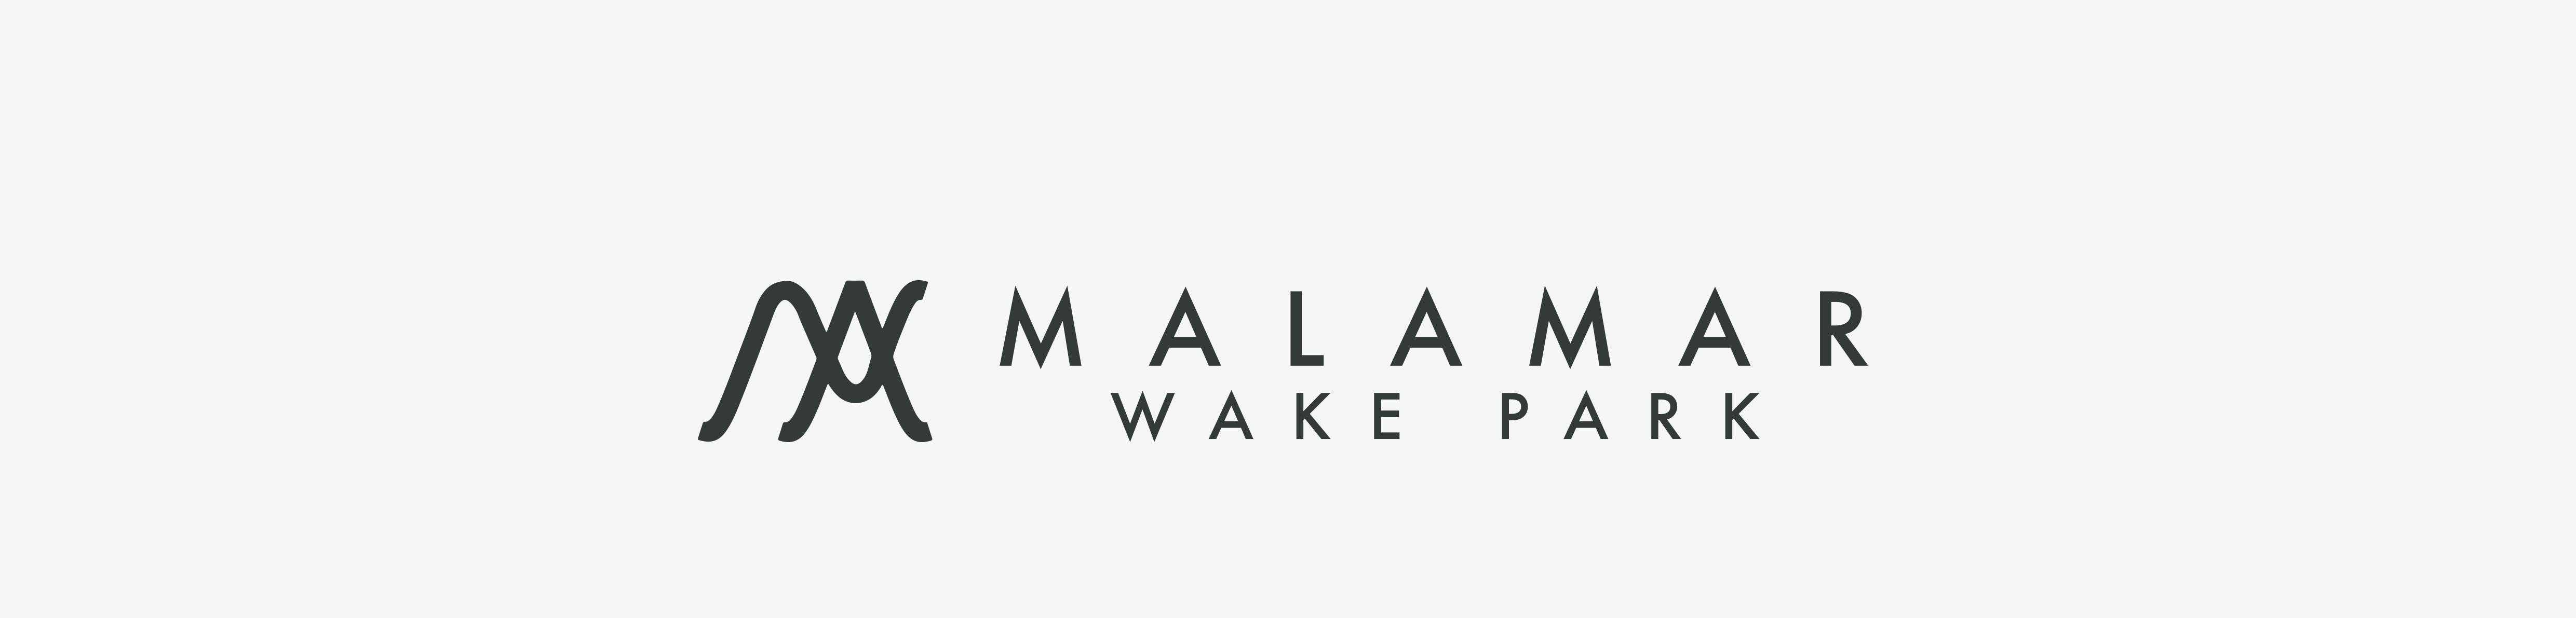 MALAMAR-LIBRO-ESTILO-1